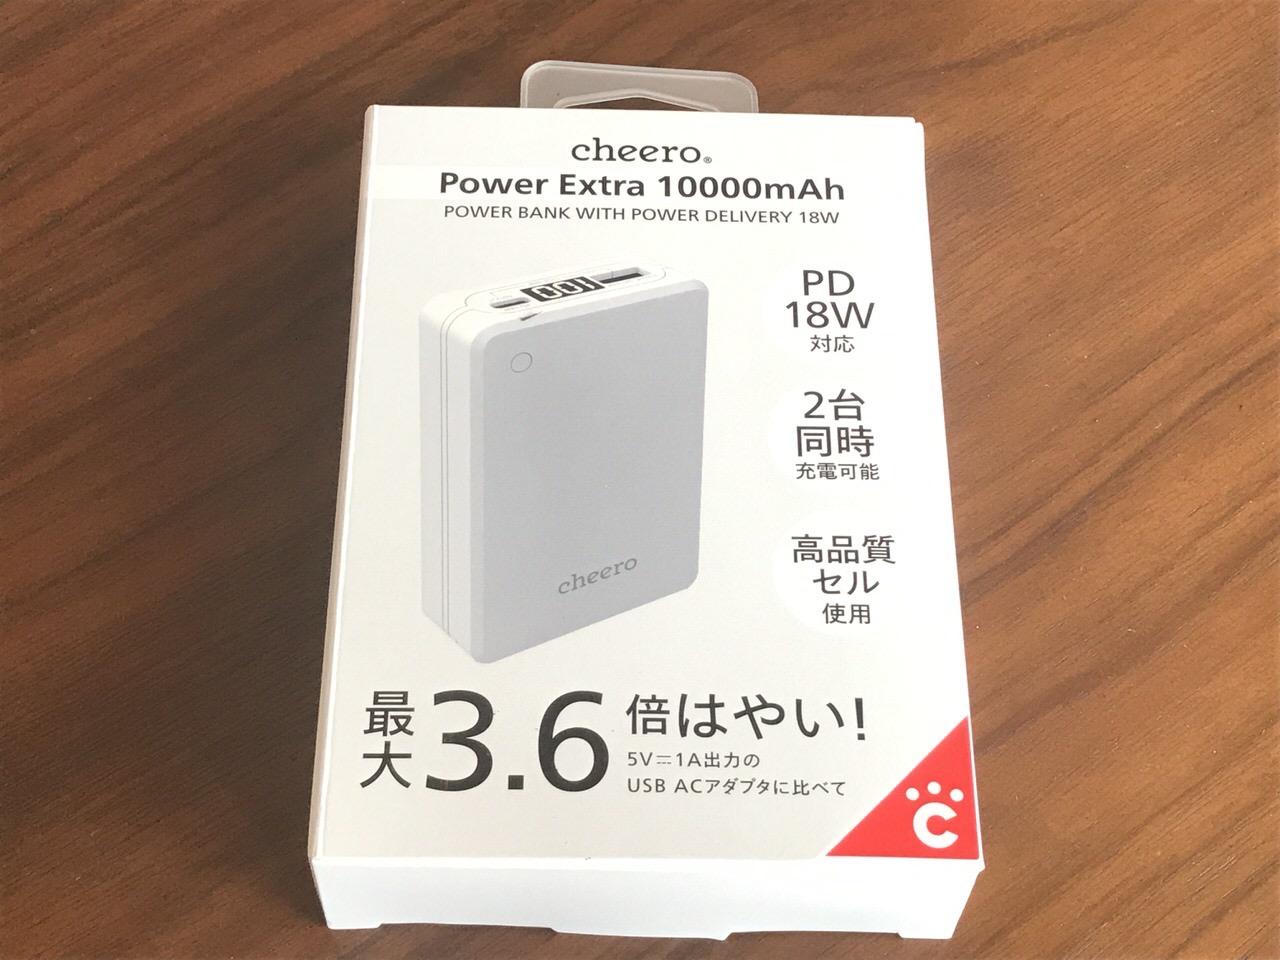 白いデザインが優しいけどPD18W対応大容量のタフなヤツ「cheero Extra 10000mAh with Power Delivery 18W」